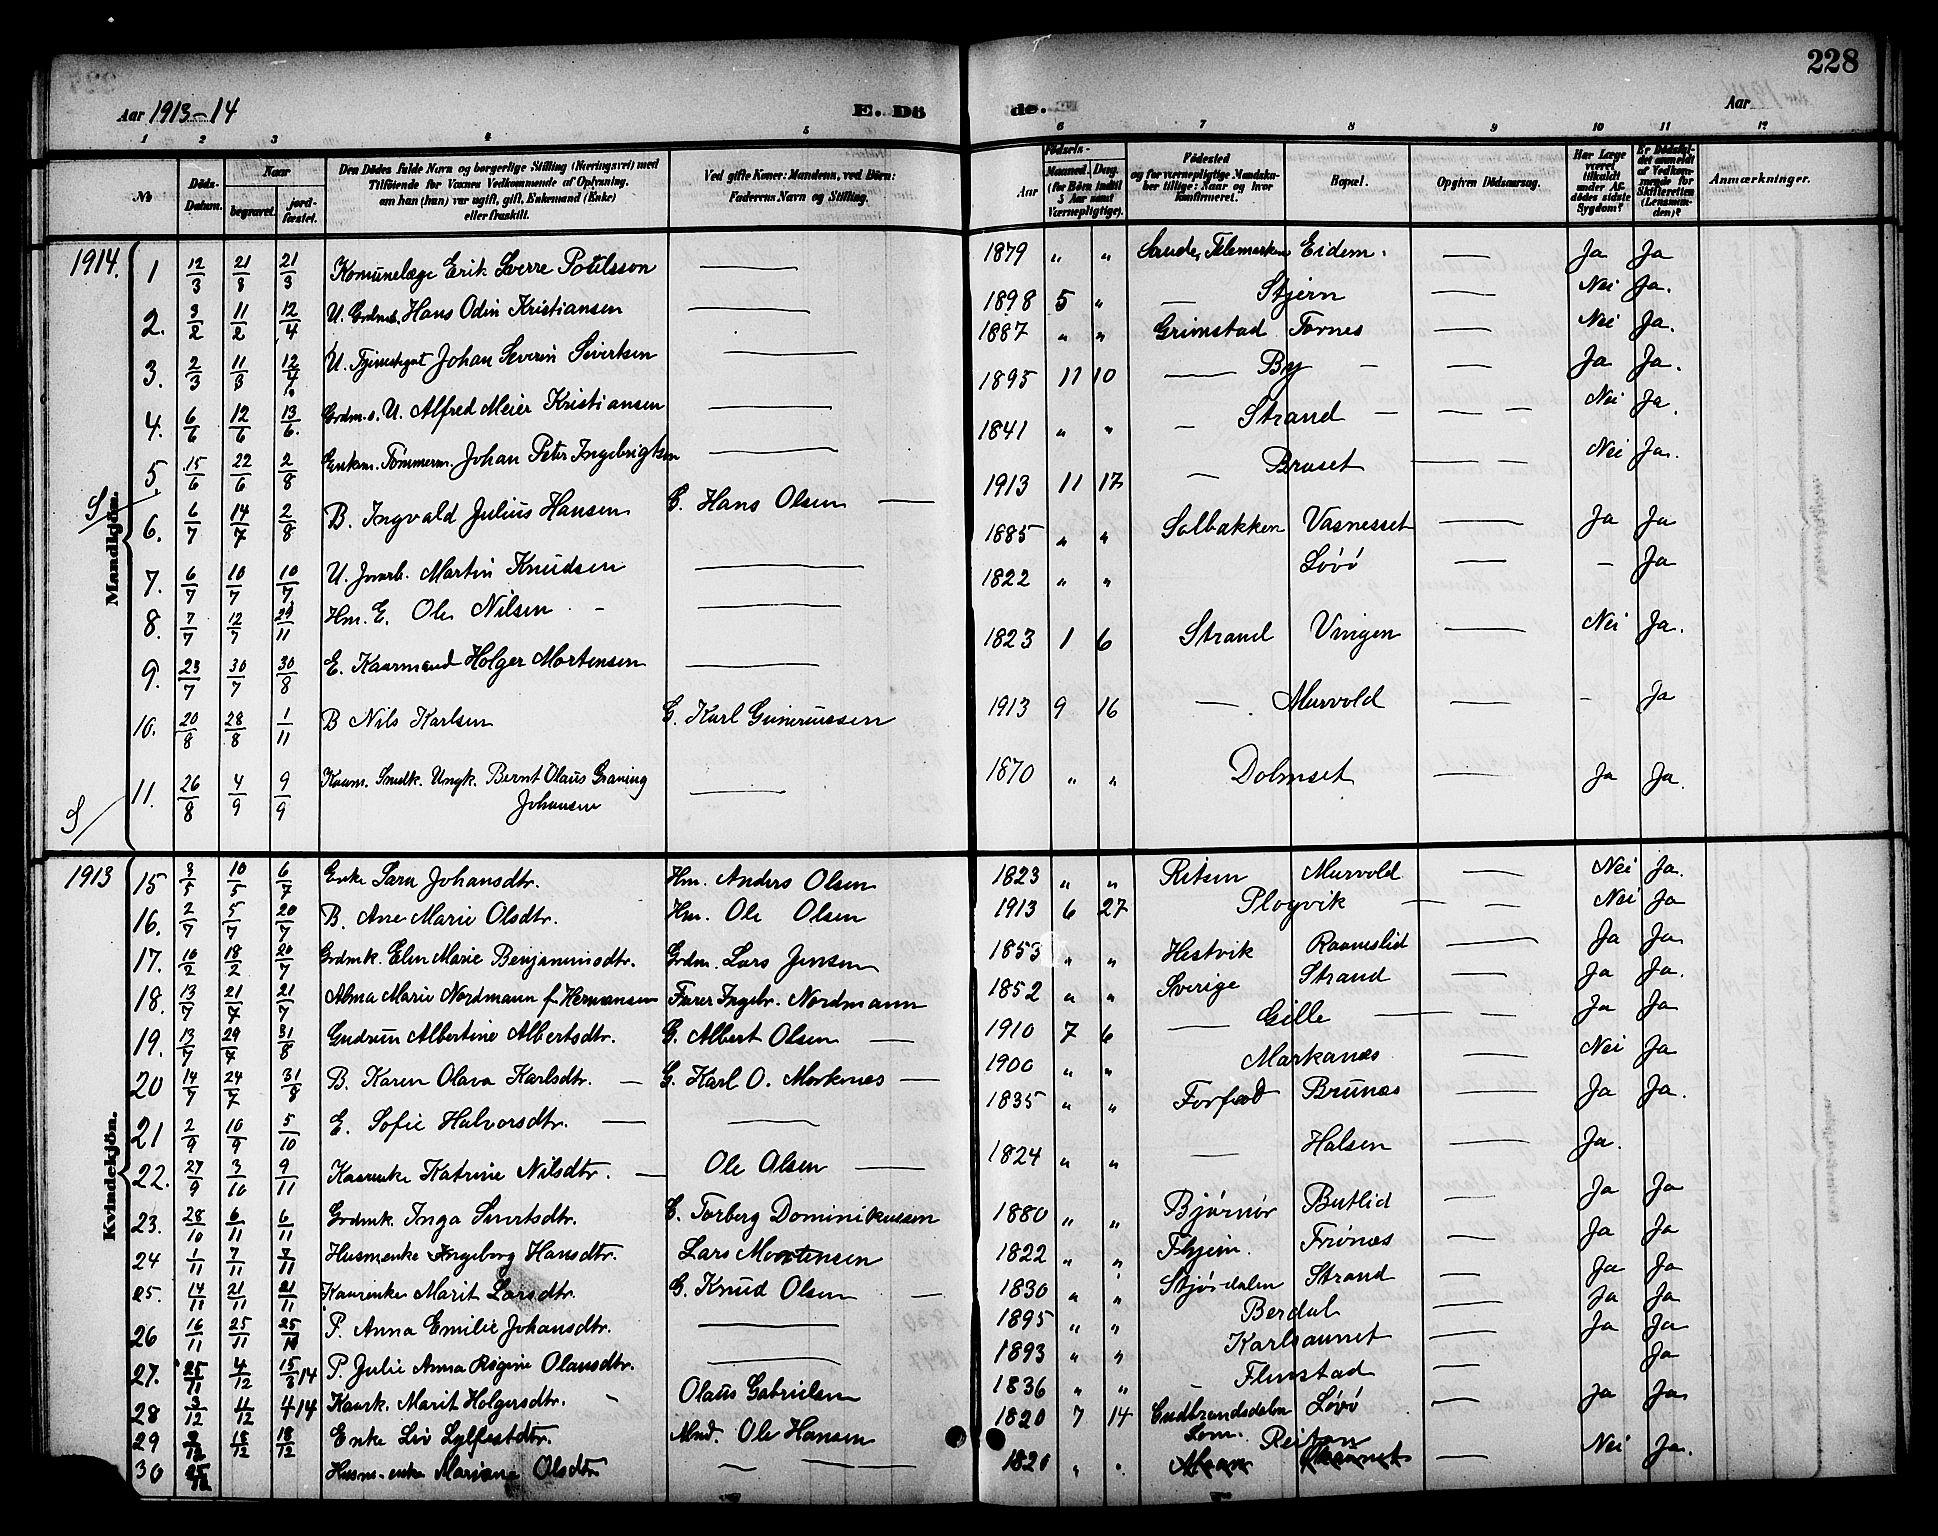 SAT, Ministerialprotokoller, klokkerbøker og fødselsregistre - Sør-Trøndelag, 655/L0688: Klokkerbok nr. 655C04, 1899-1922, s. 228